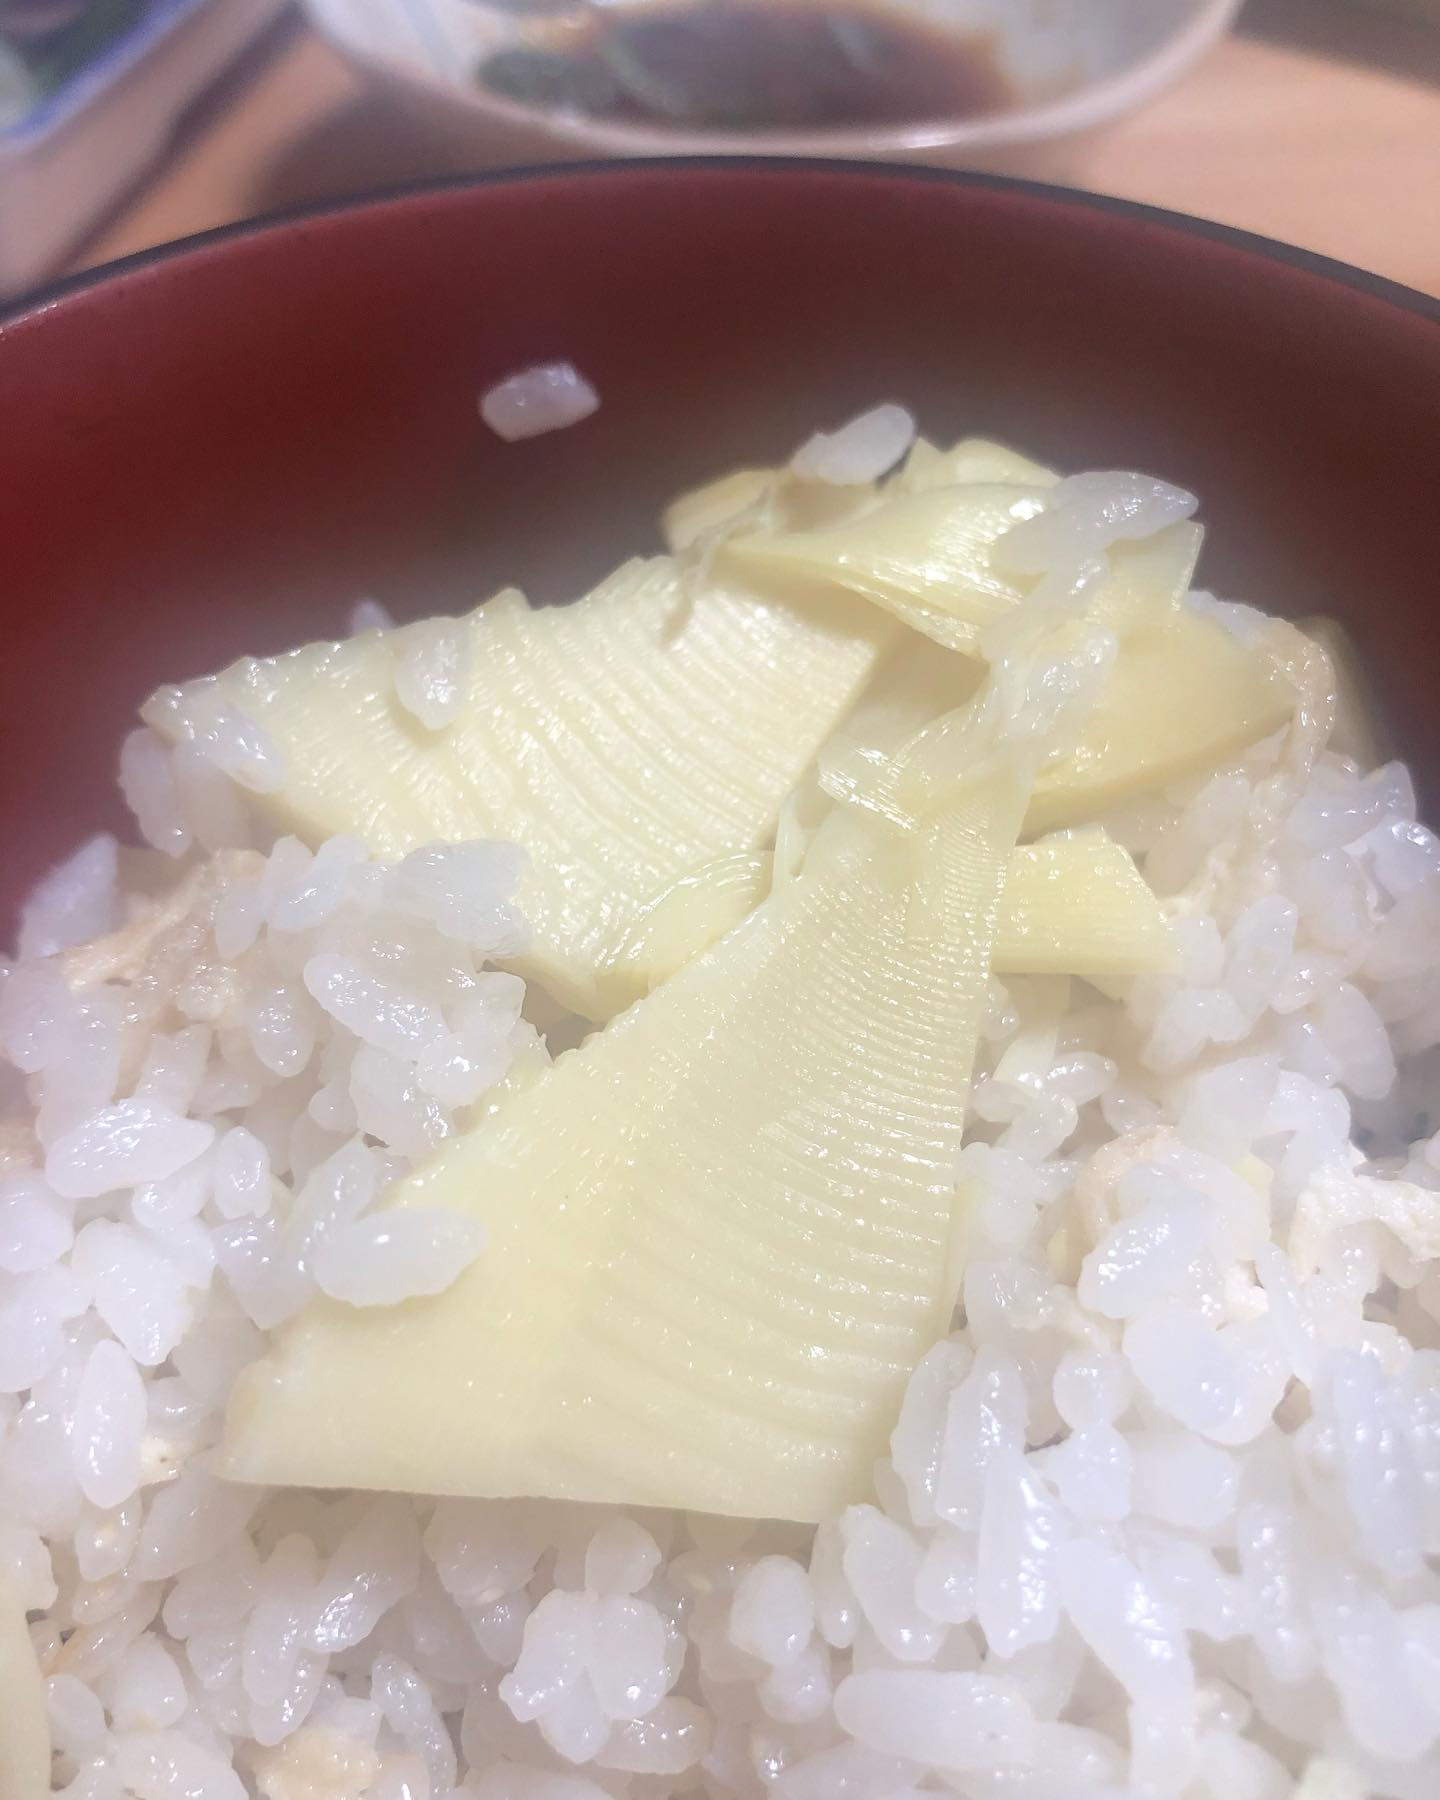 たけのこごはんやっぱり美味しいやつ#たけのこご飯 #たけのこ料理 #筍姫#阿波たけのこ農園#米も自家製#おいしいよ